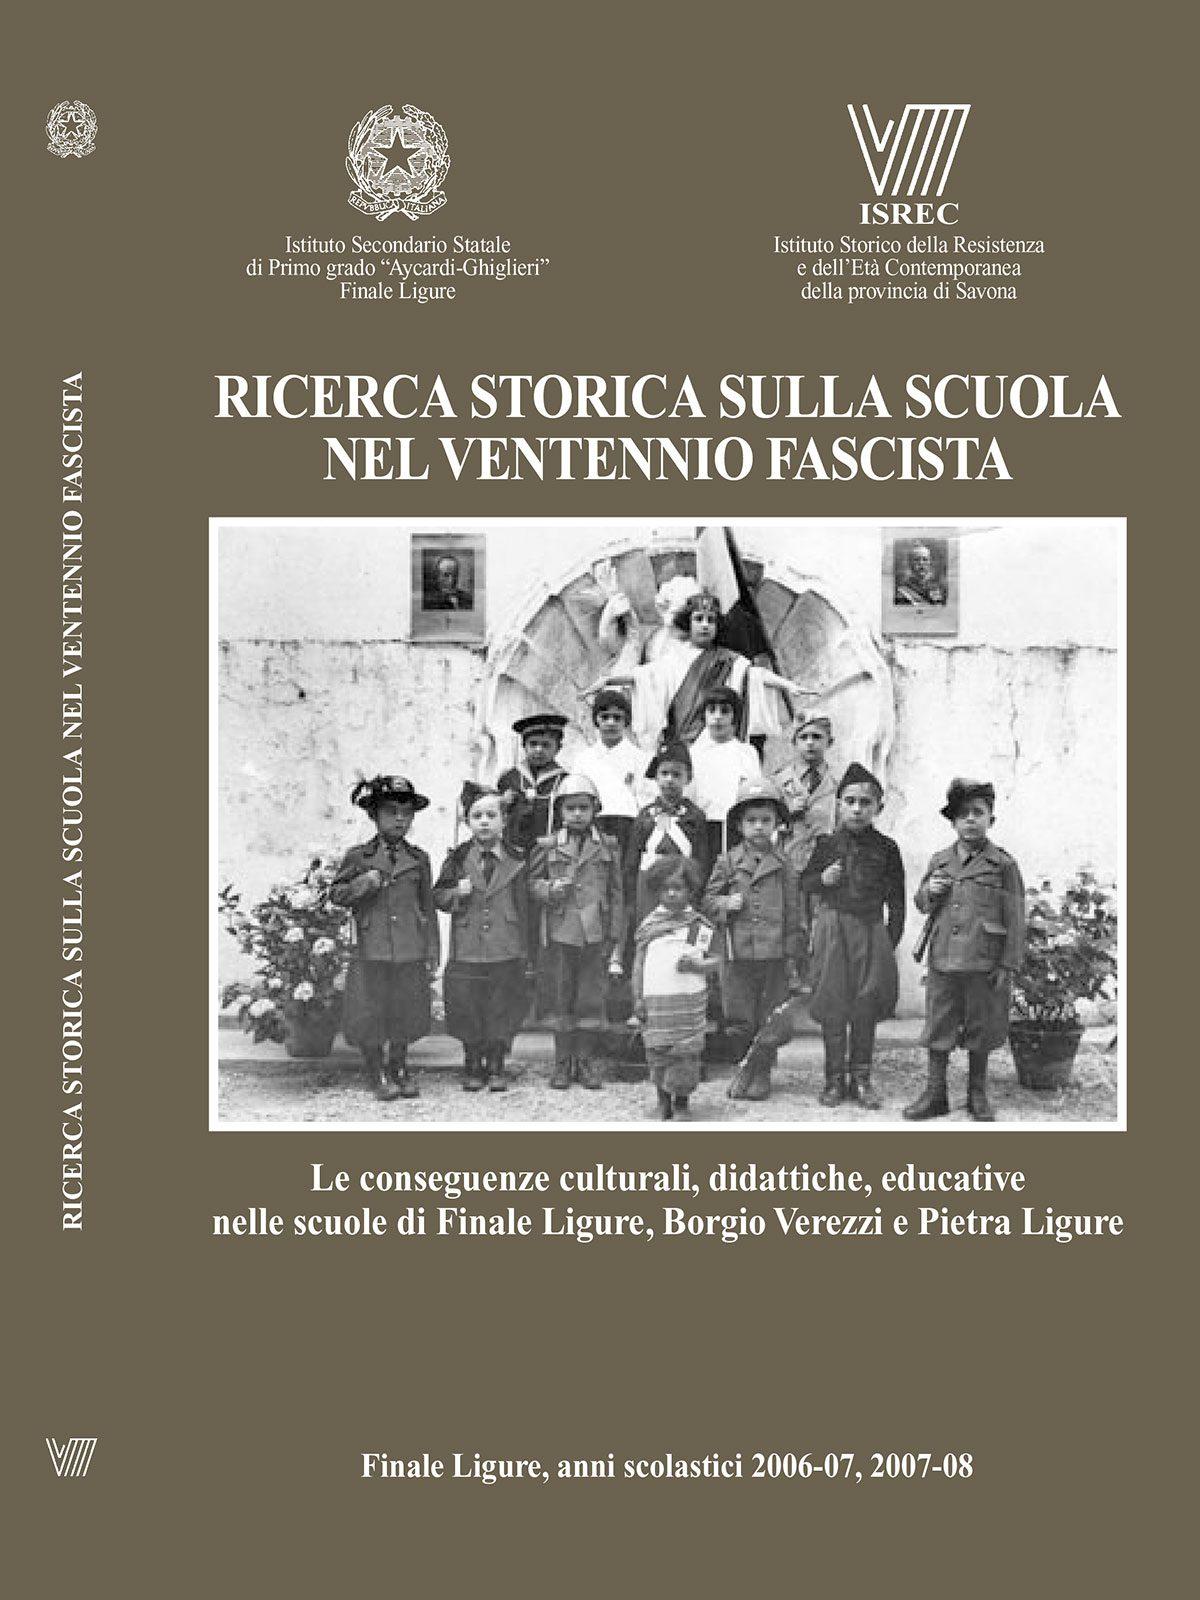 ricerca-storica-sulla-scuola-nel-ventennio-fascista